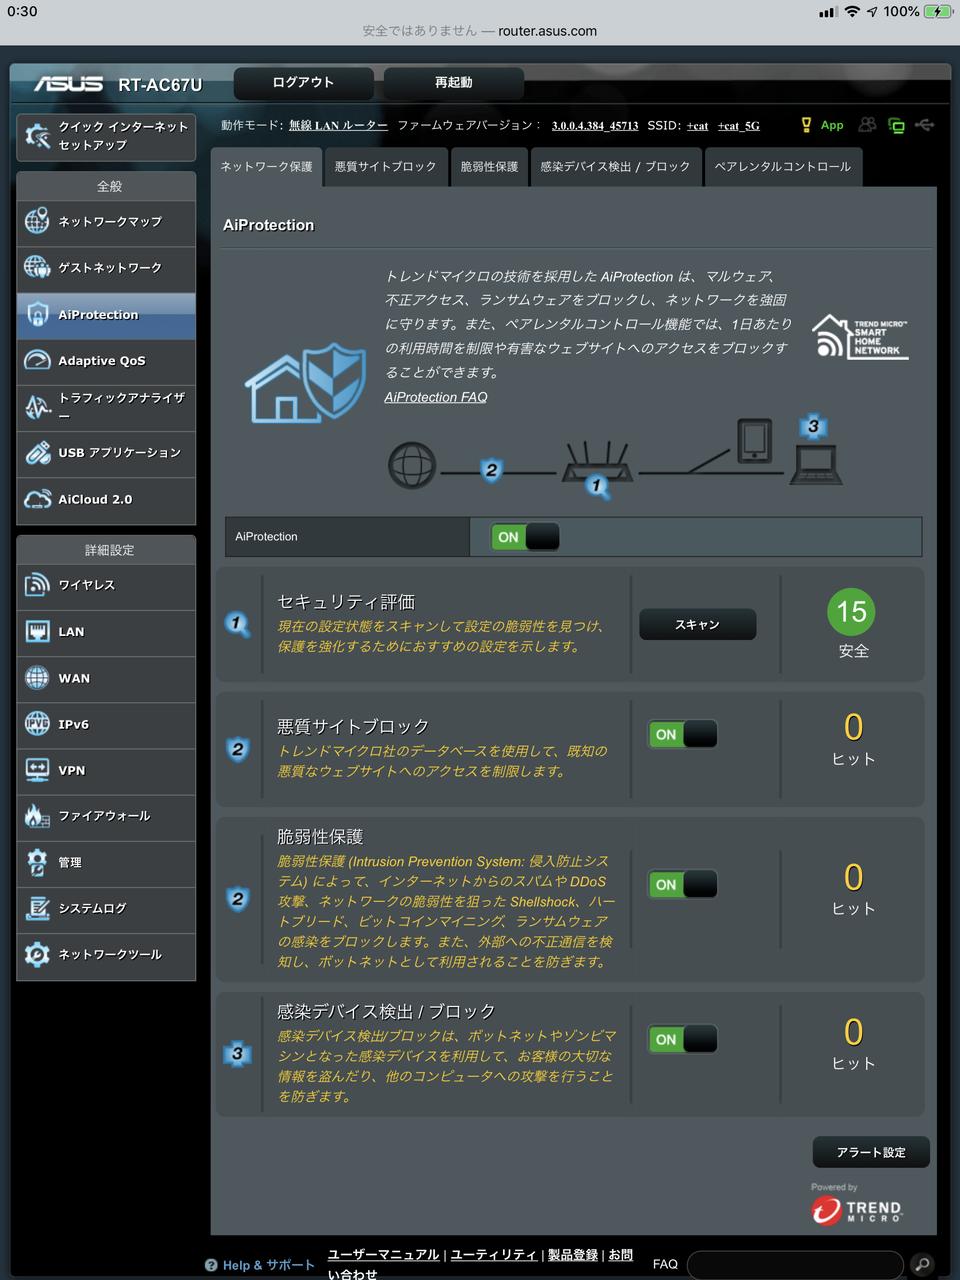 ウェブブラウザーでルーターの管理画面にログインして、AiProtectionの画面を表示すれば、各機能を個別にオフにできる